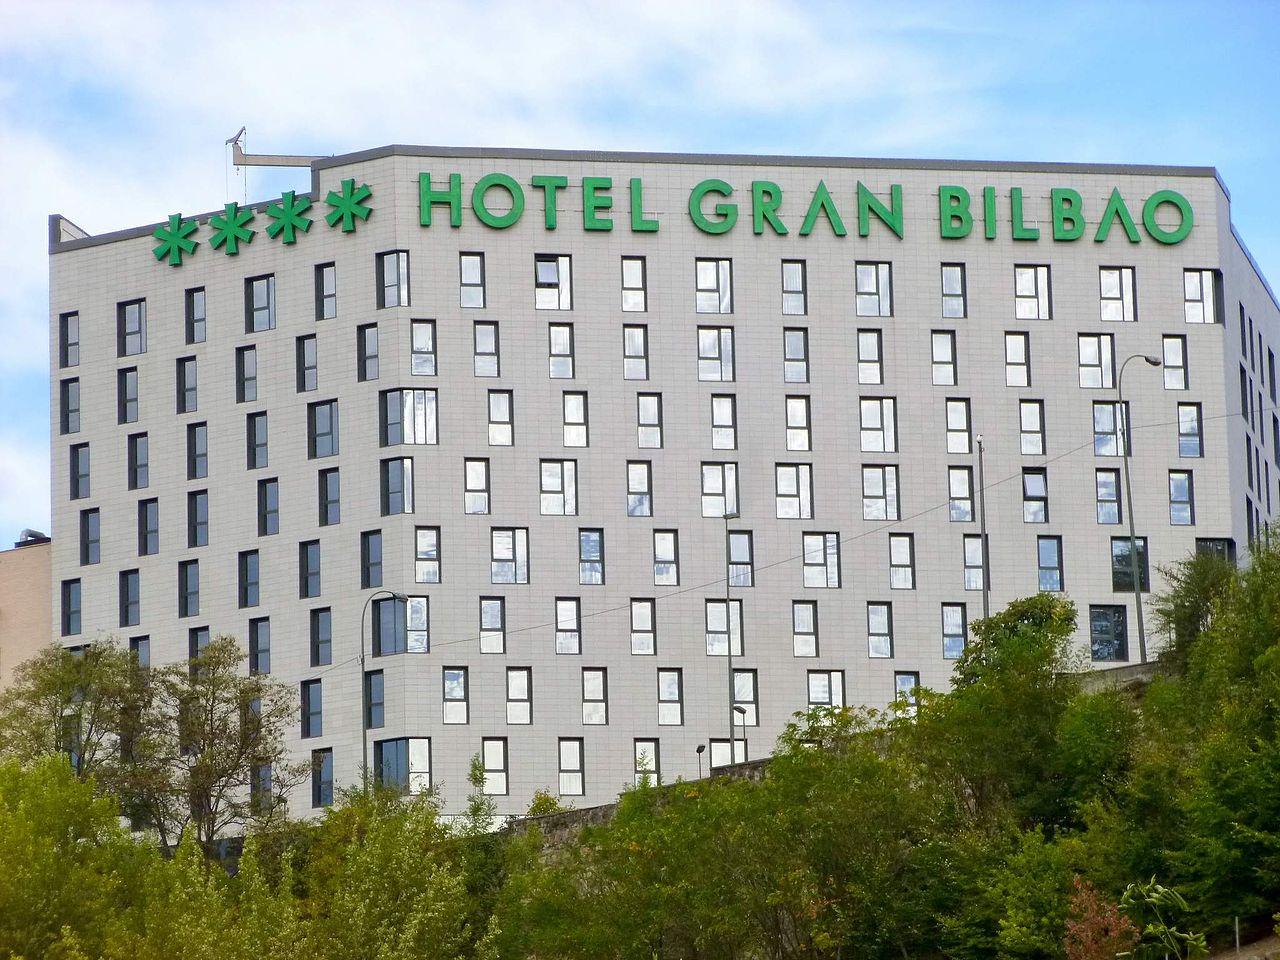 Hotel con descuento